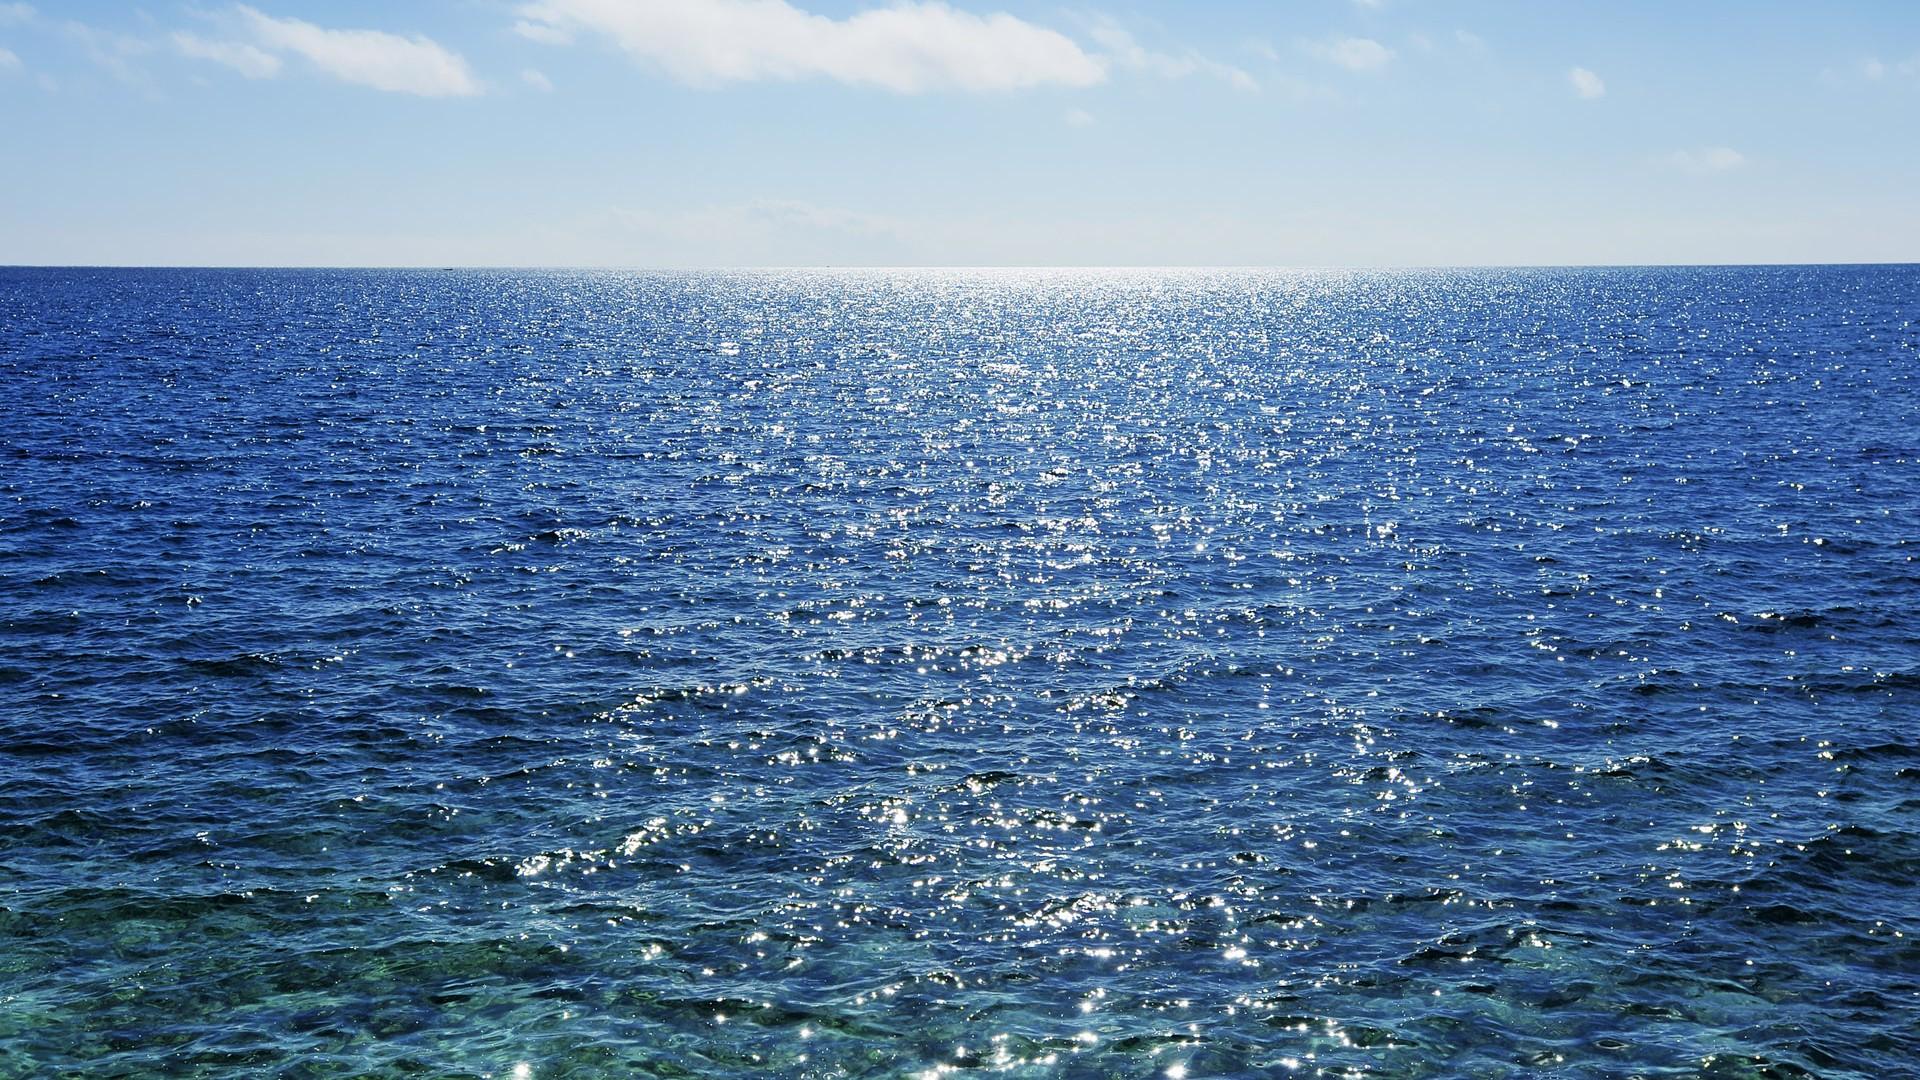 大海海滨高清桌面壁纸